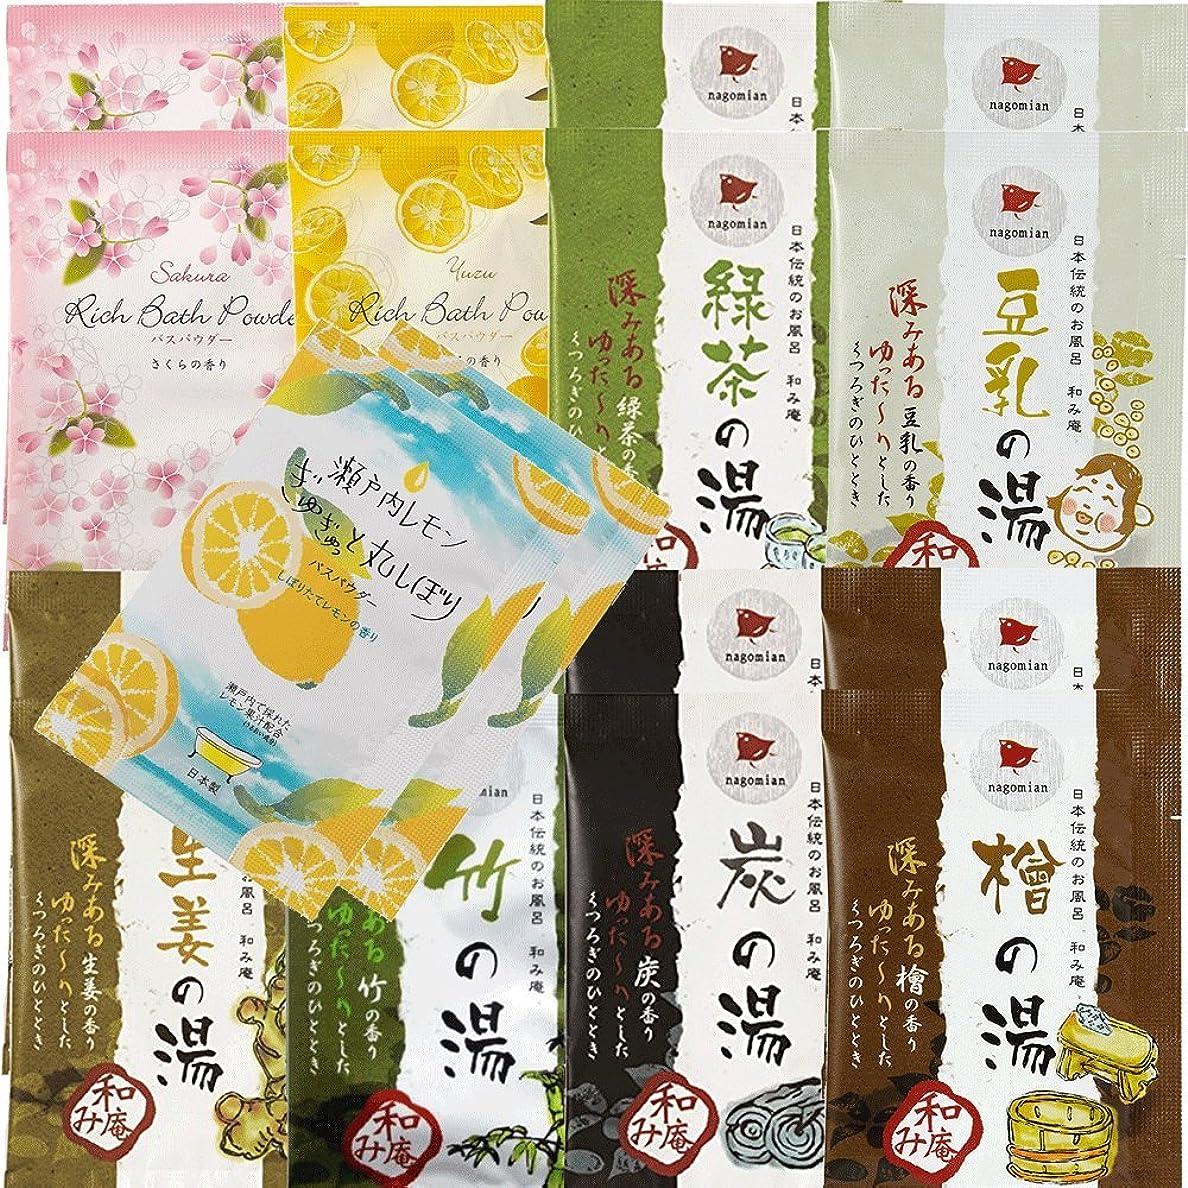 エラーラリービジョン日本伝統のお風呂 和み庵 6種類×2 + バスパウダー 3種類×2セット 和風入浴剤 18包セット